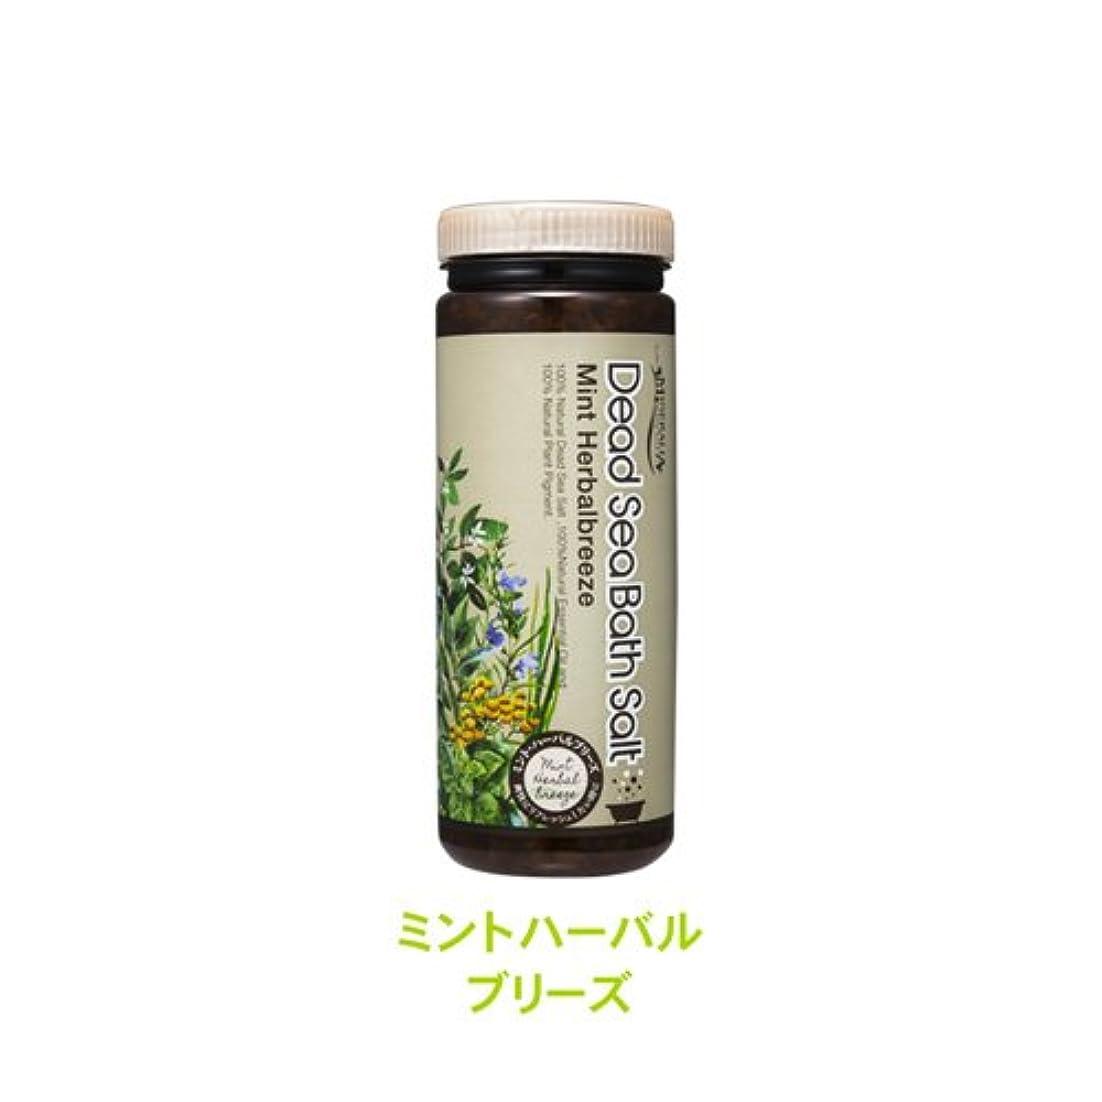 主張する植生レガシーミネラリア デッドシーバスソルト  アロマバスソルト ミントハーバルブリーズ 500g